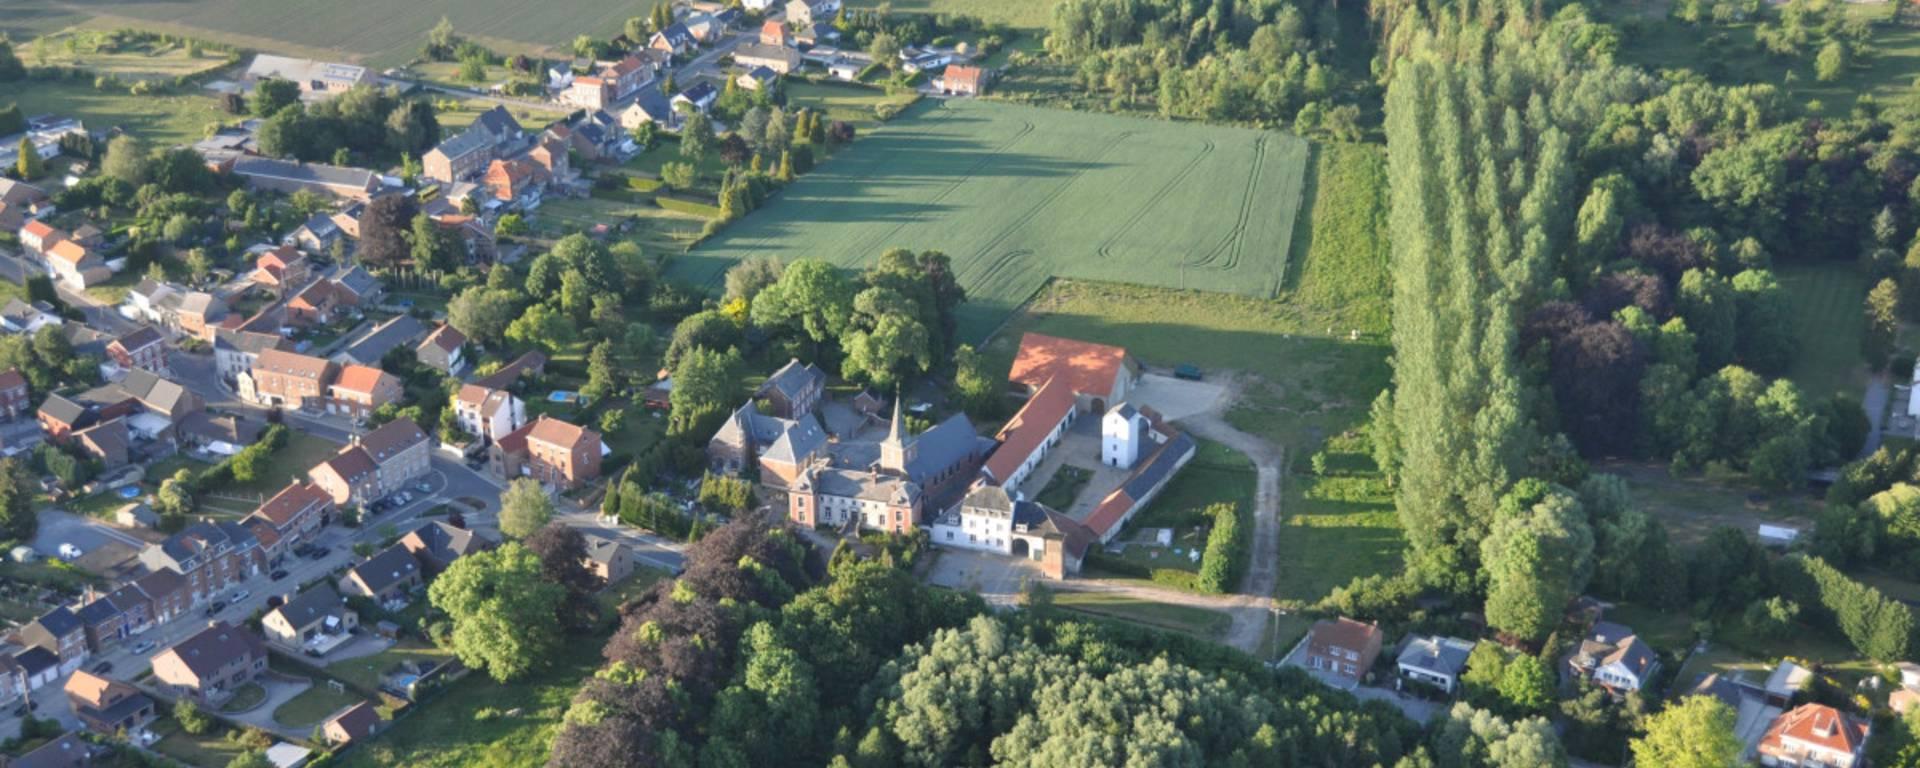 Centre historique de Berloz